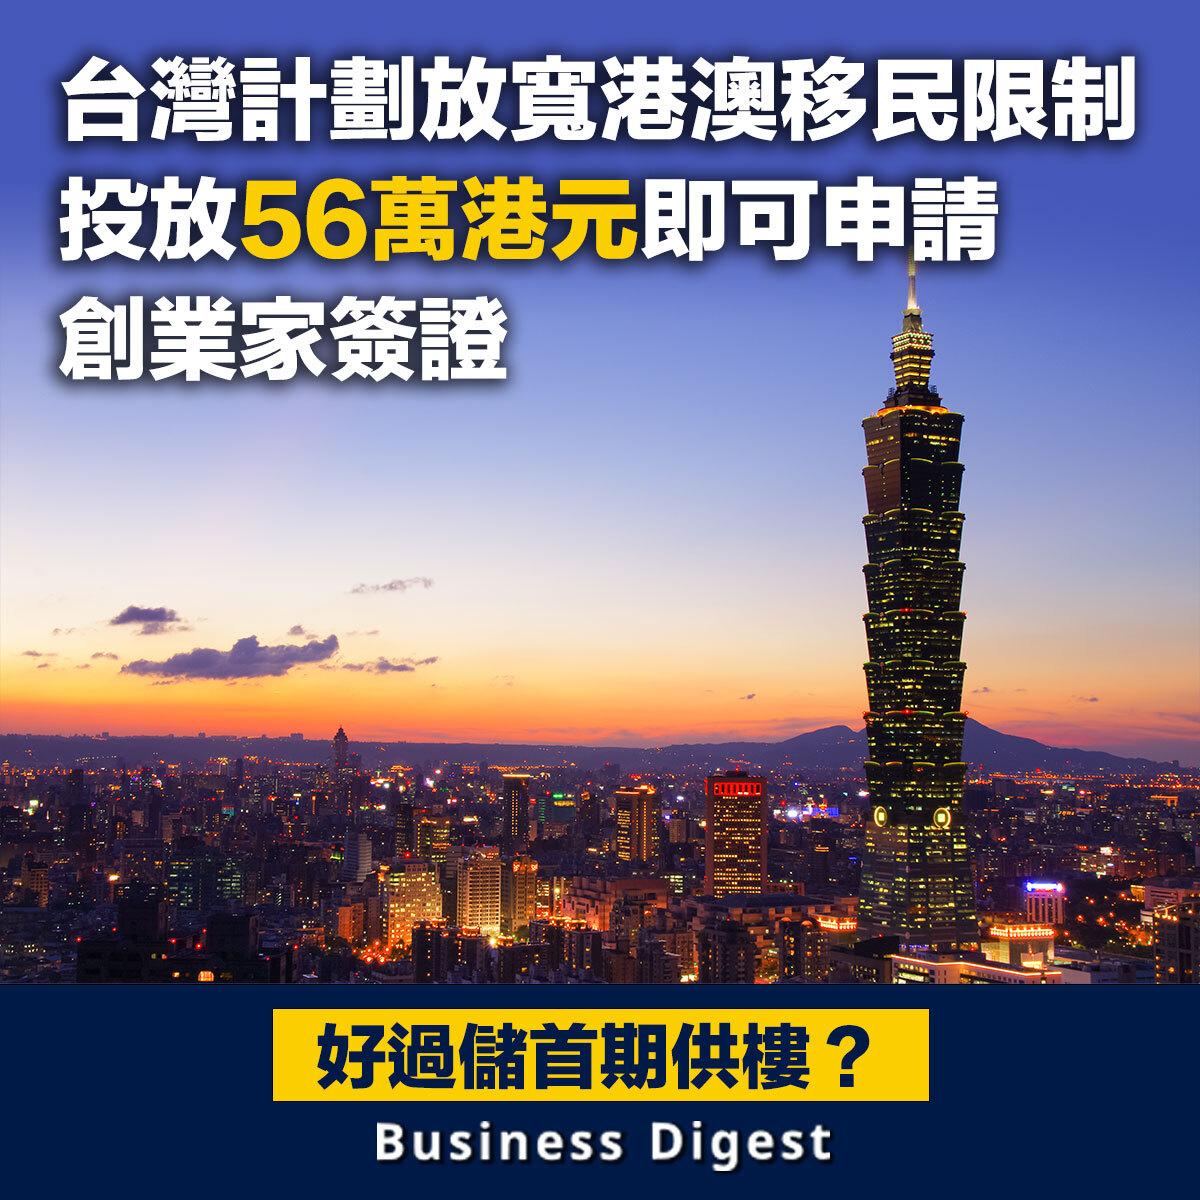 台灣計劃放寬港澳移民限制,投放56萬港元即可申請創業家簽證